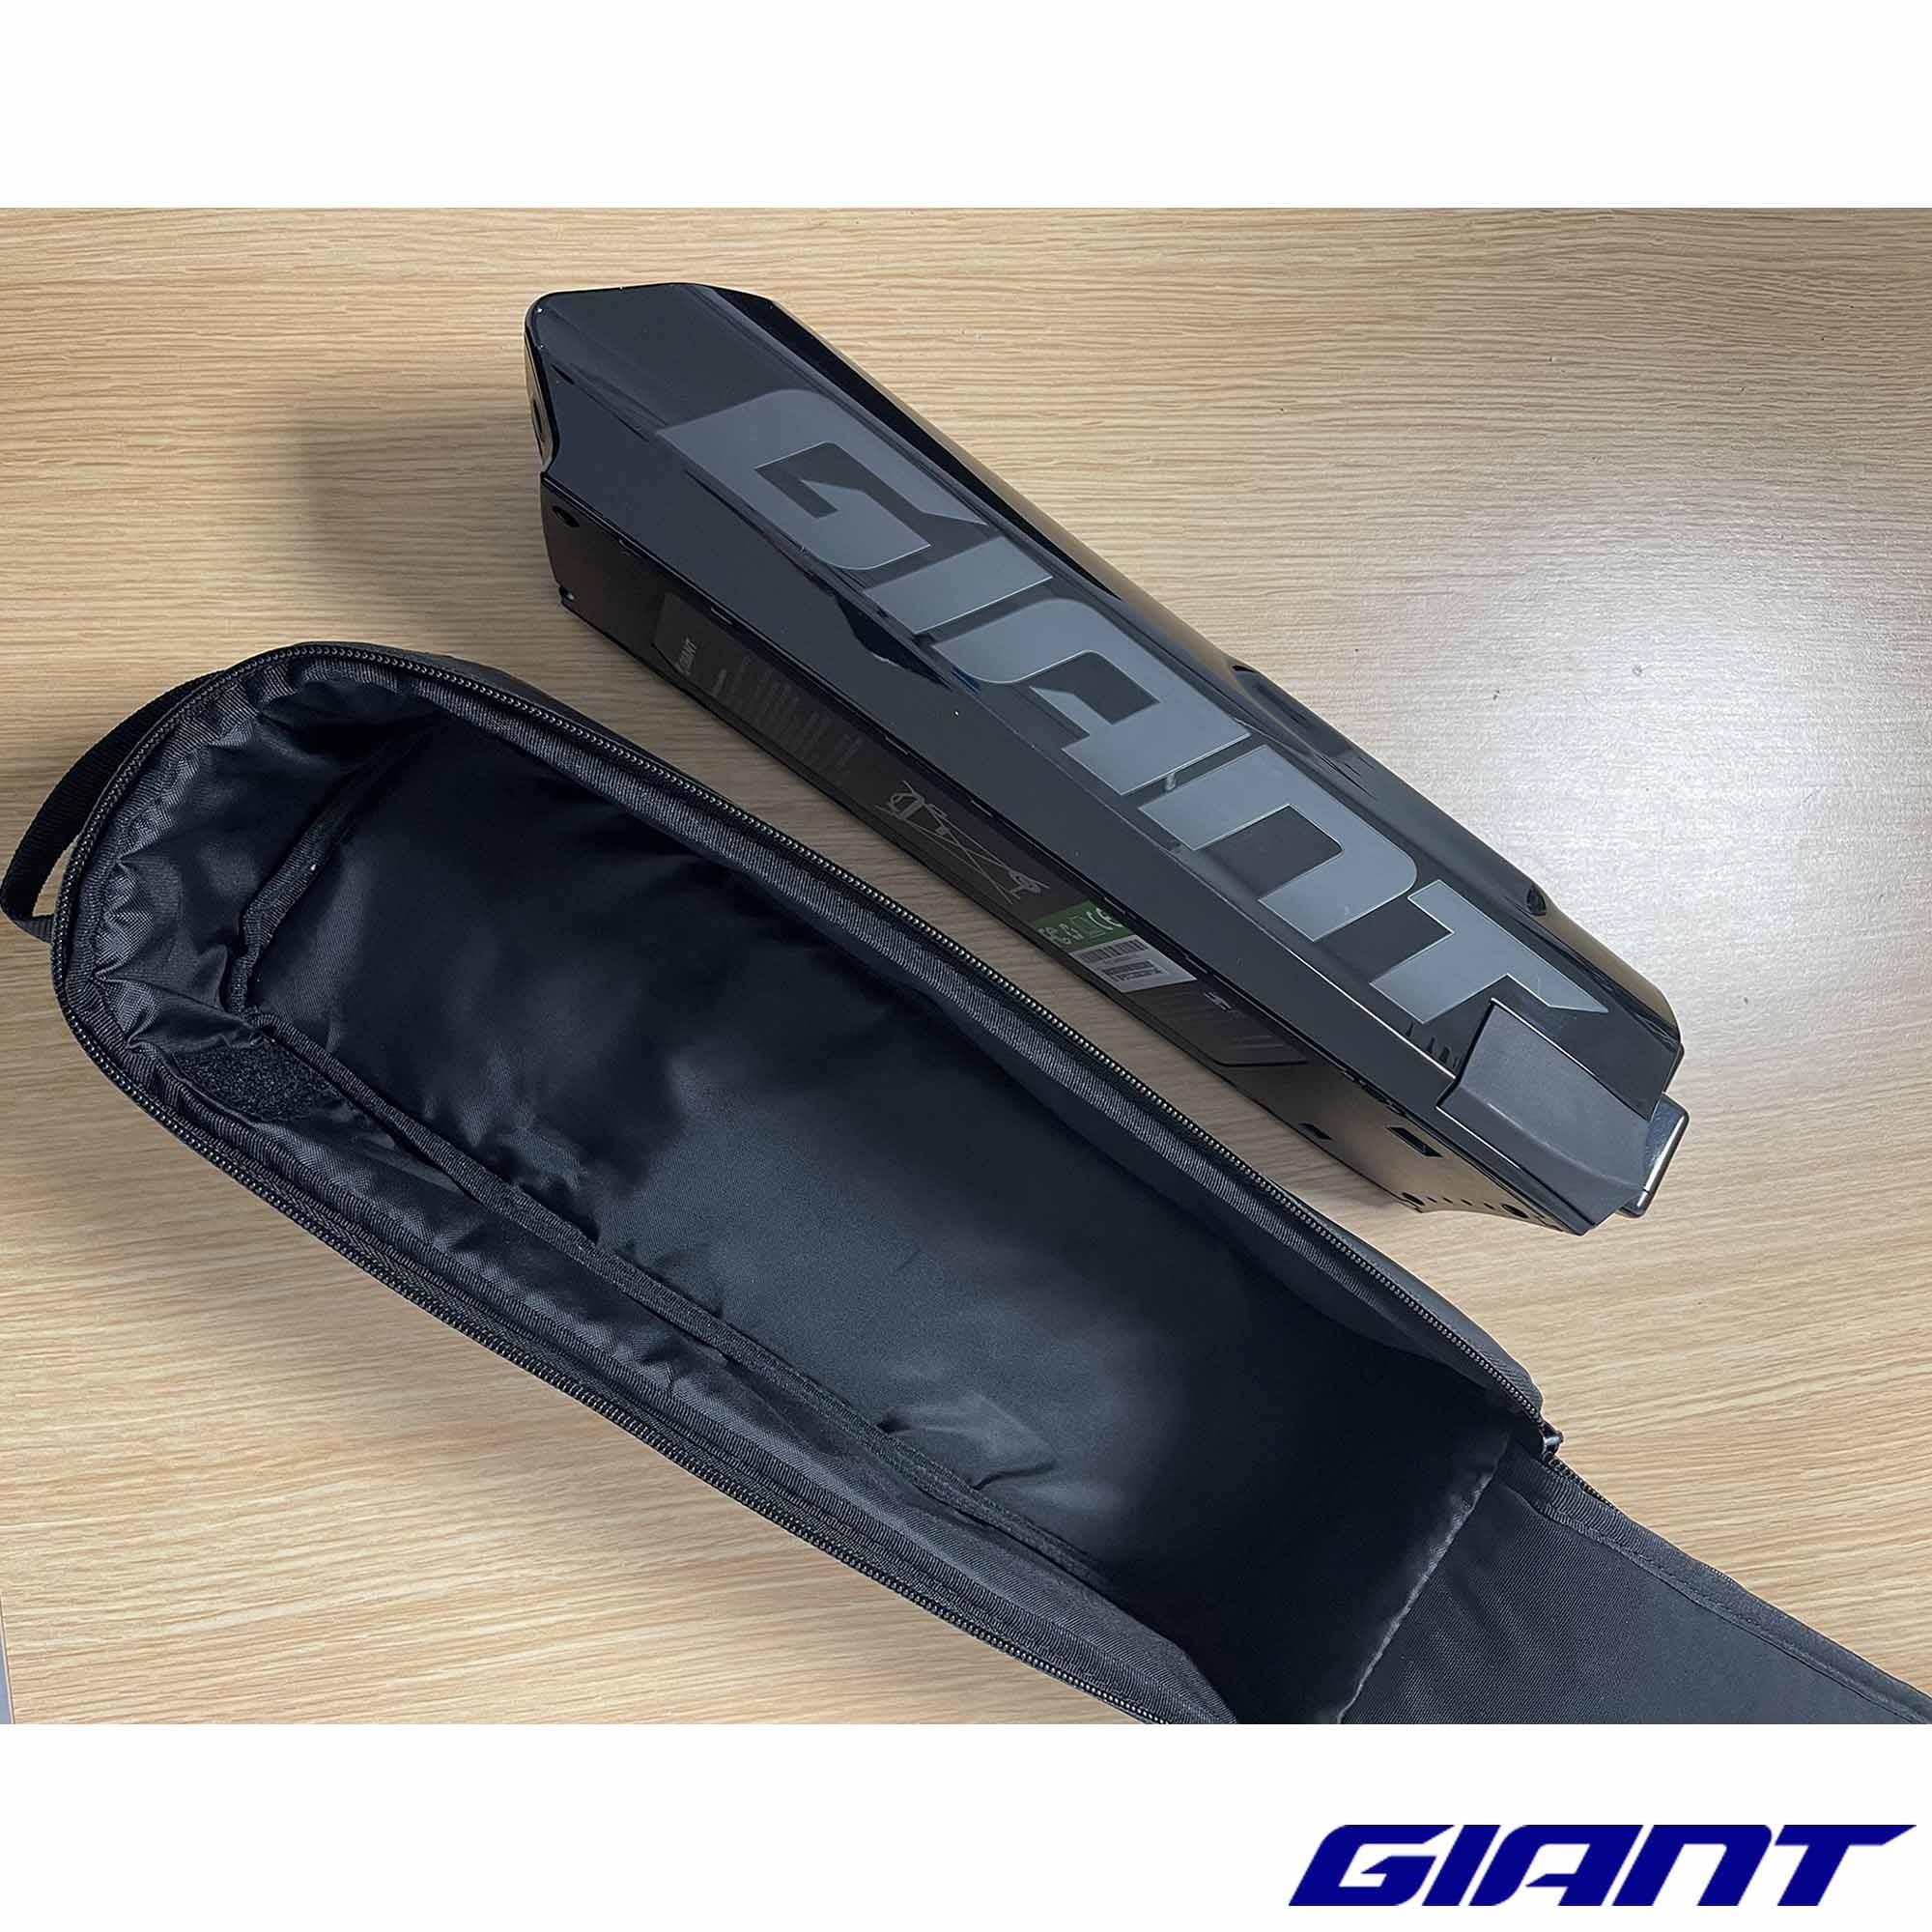 Housse de protection batterie VAE GIANT